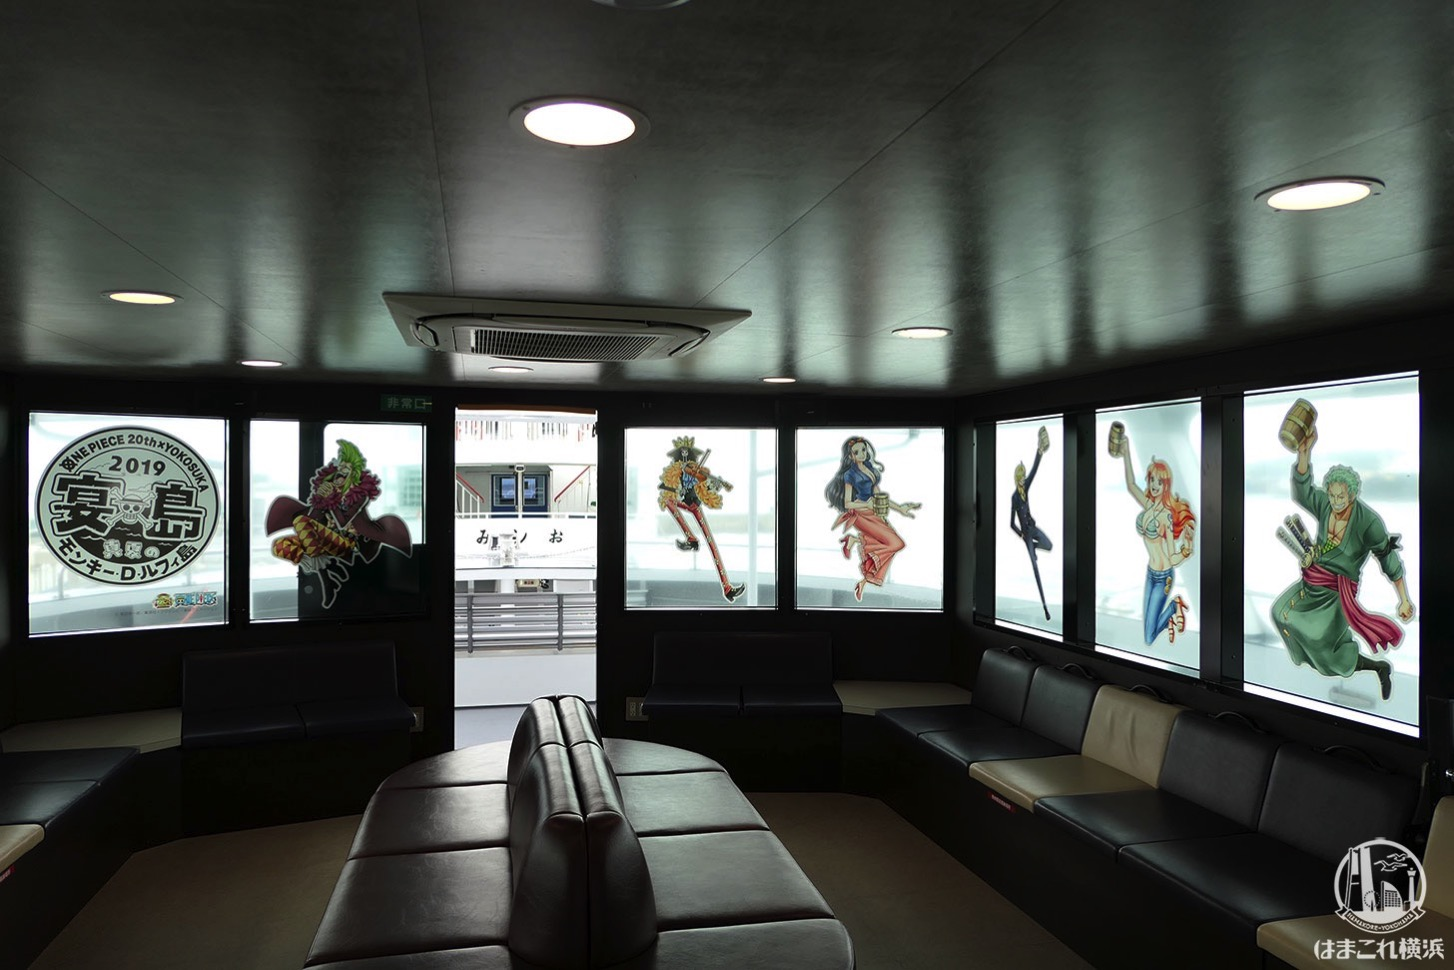 猿島航路 船内のワンピース